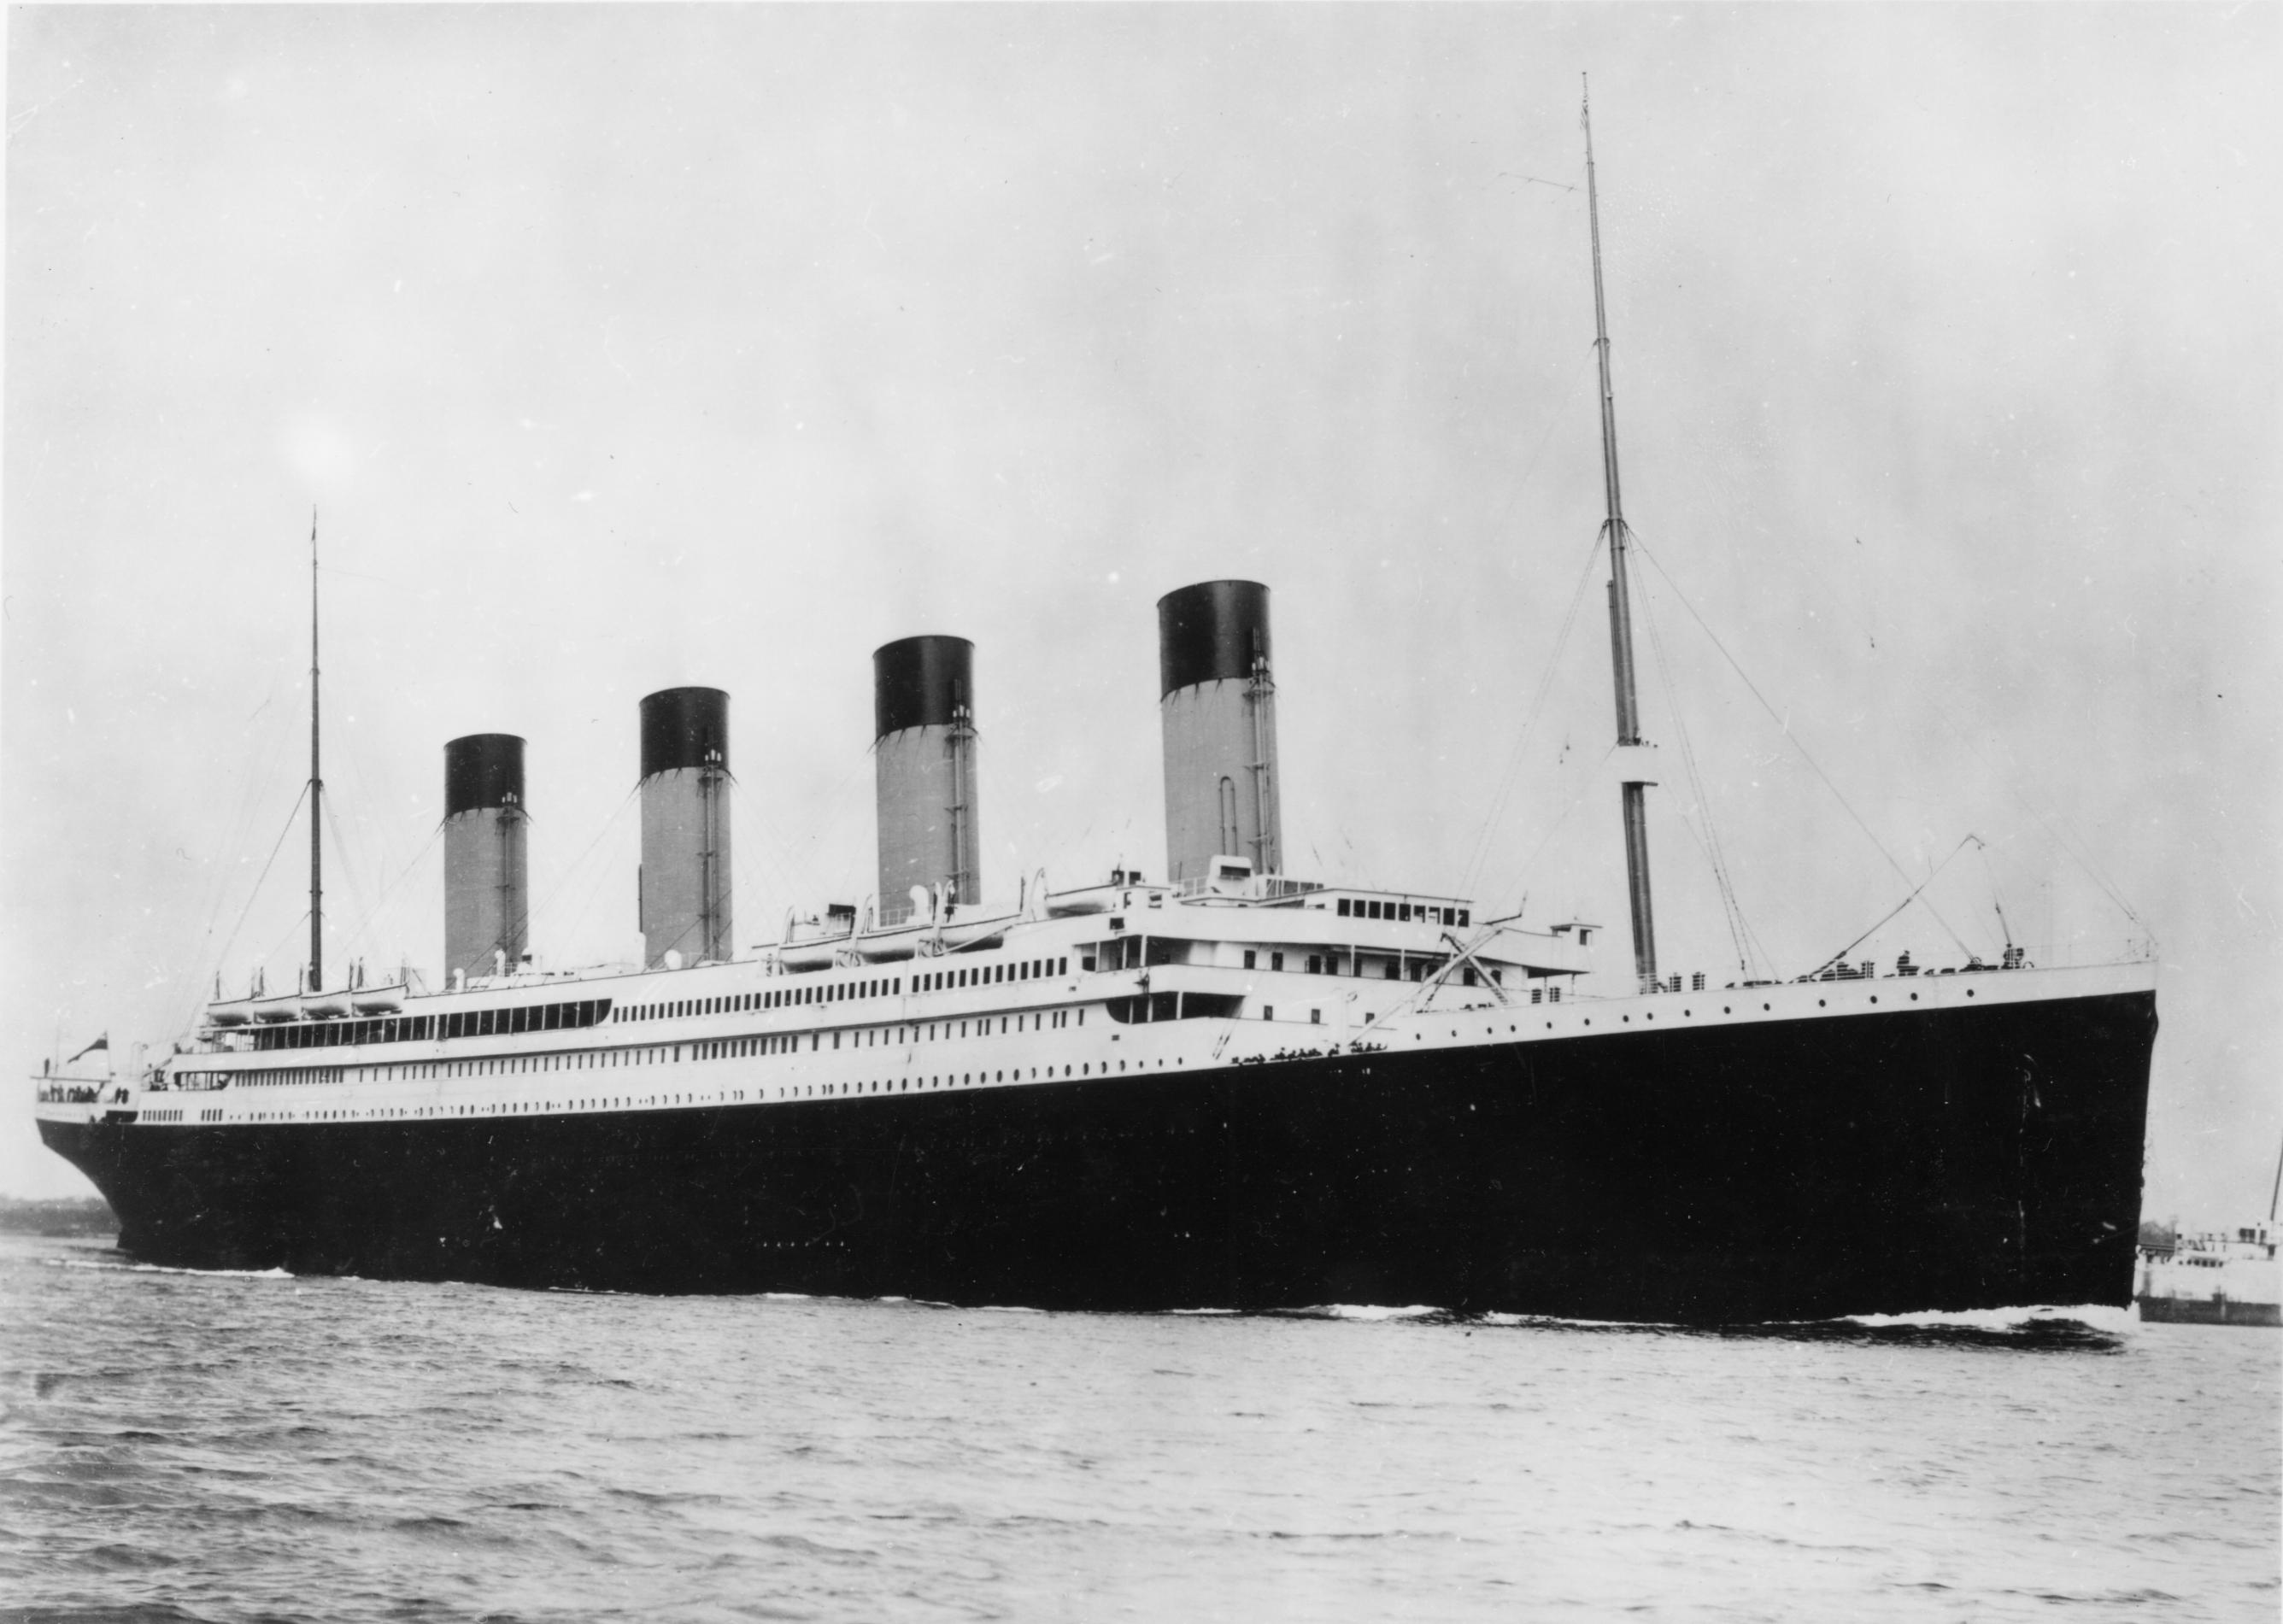 Hai visto? Ecco la copia del Titanic